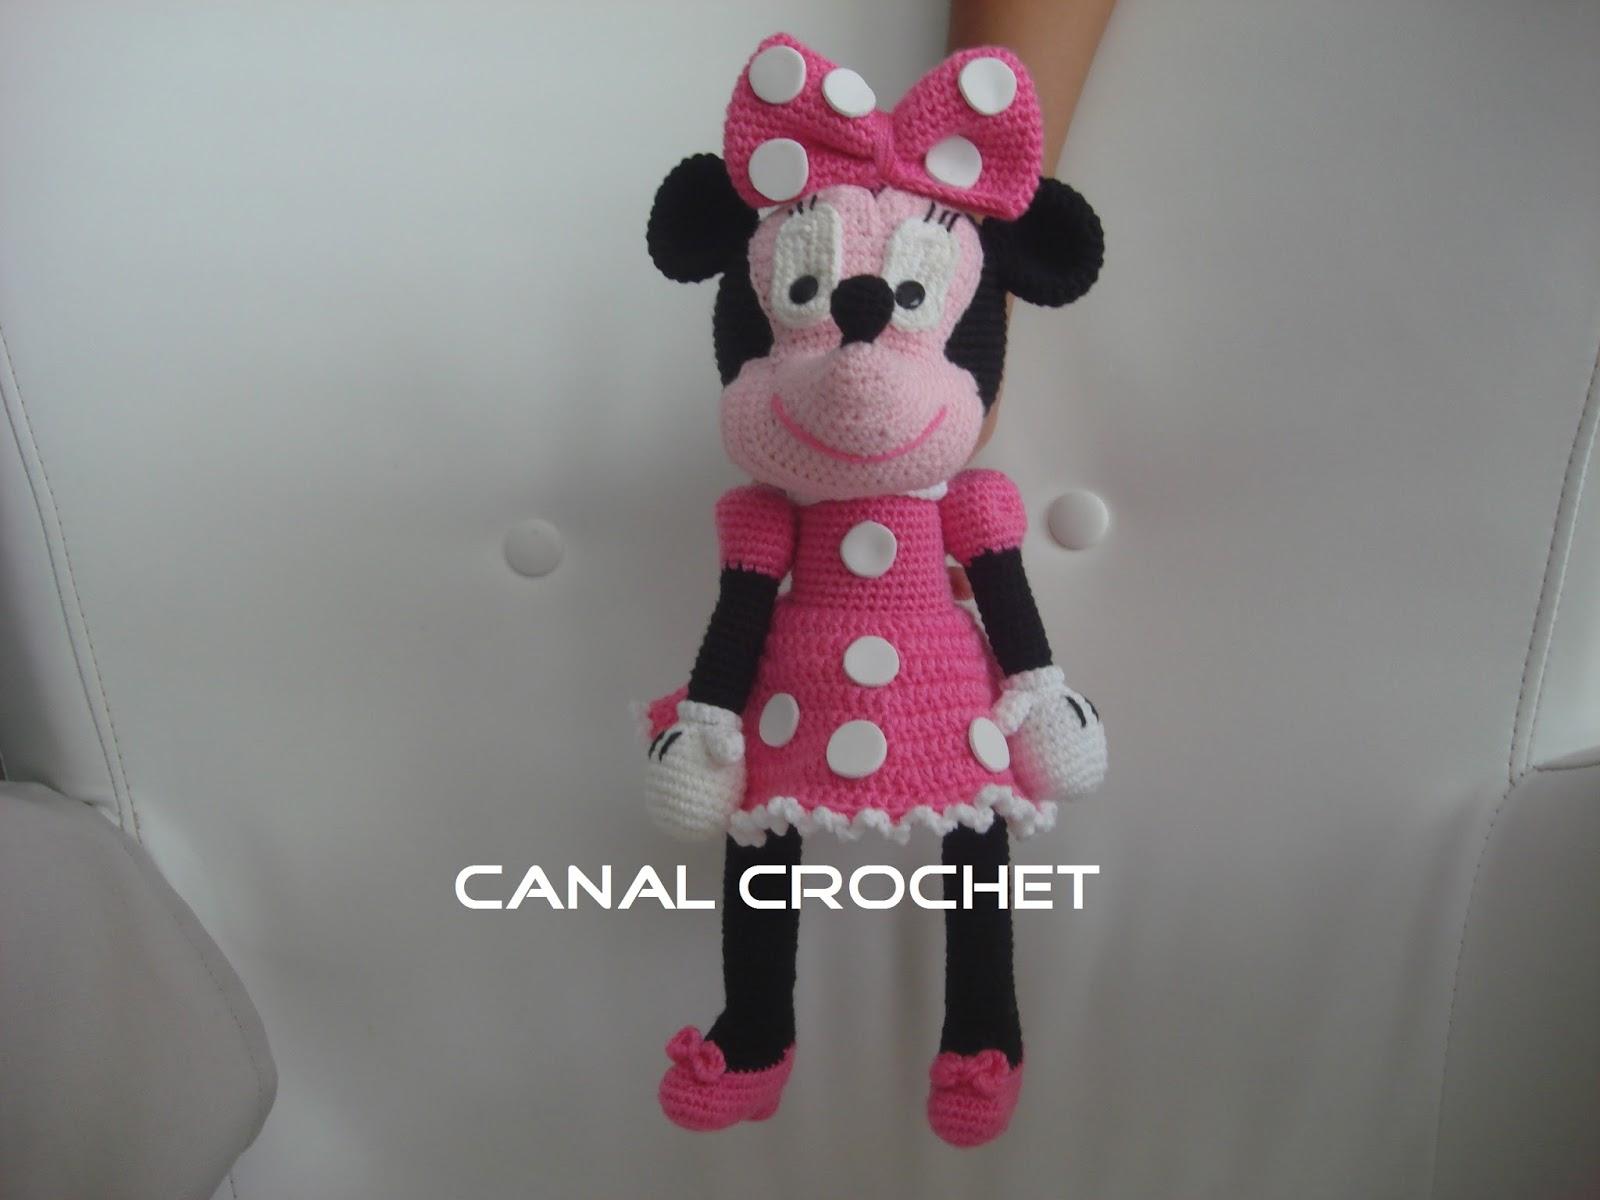 Patron Amigurumi Baby Minnie : CANAL CROCHET: Minnie amigurumi patron libre